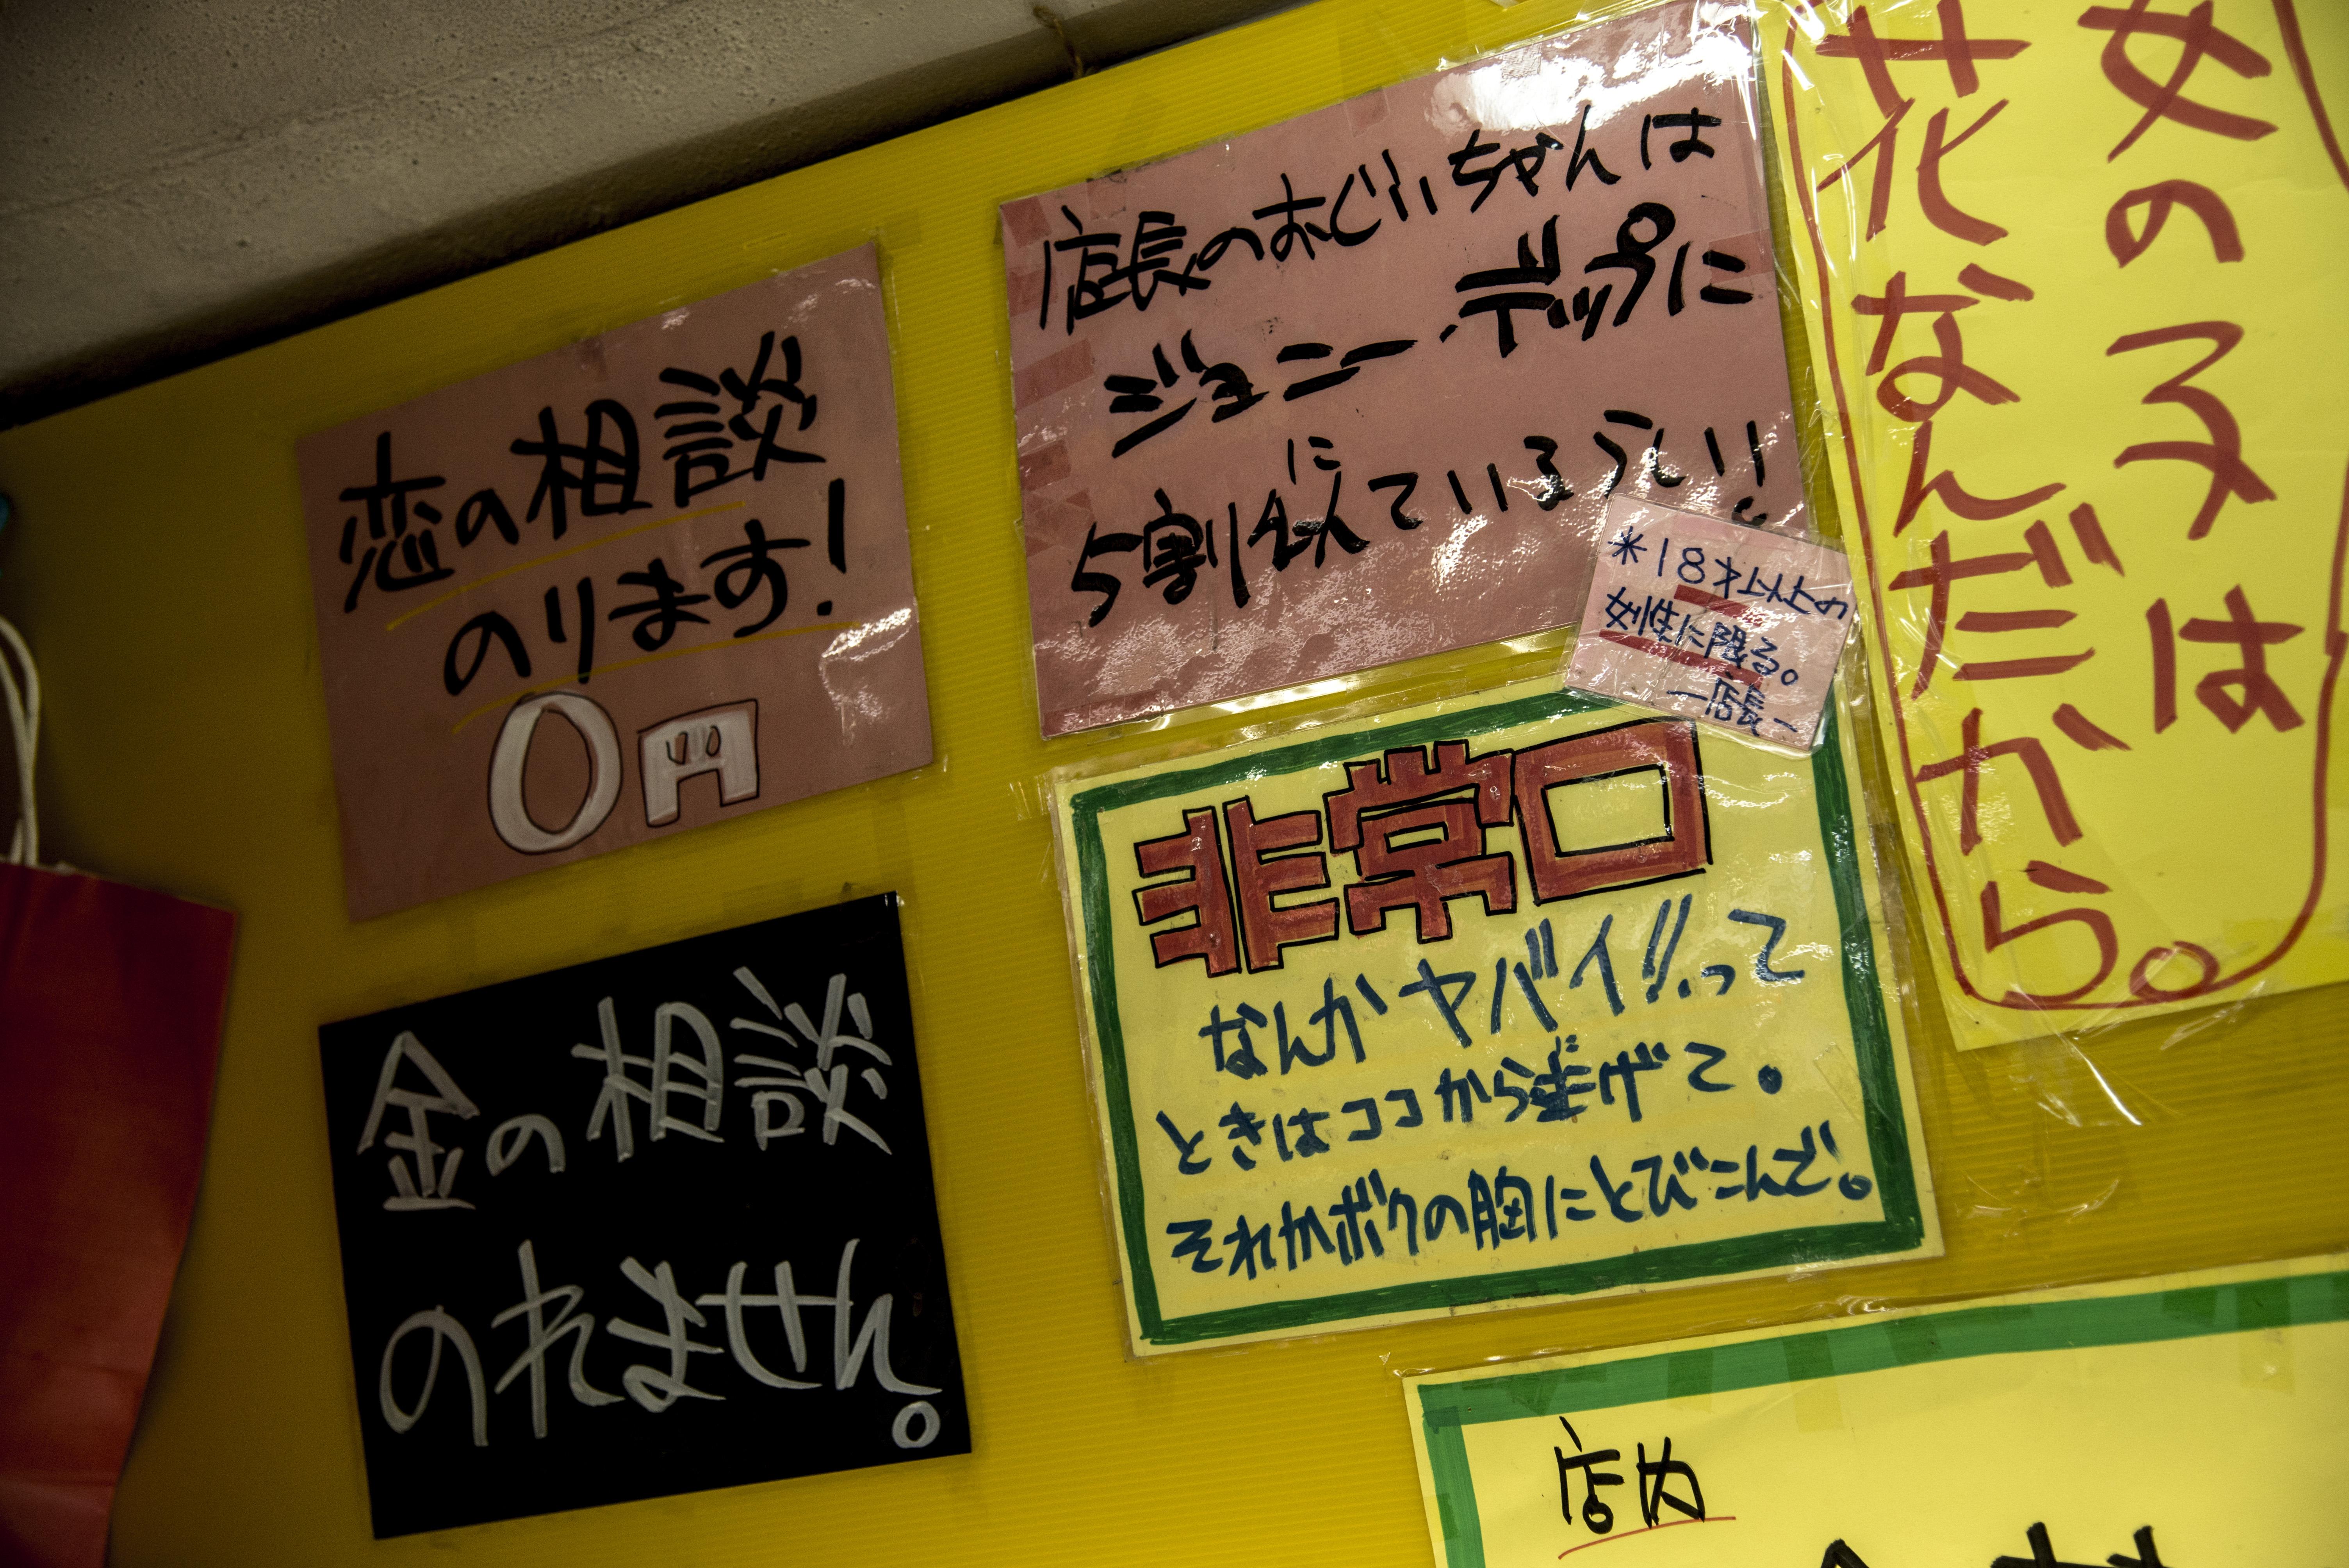 お土産屋「台風」の店内ポスター